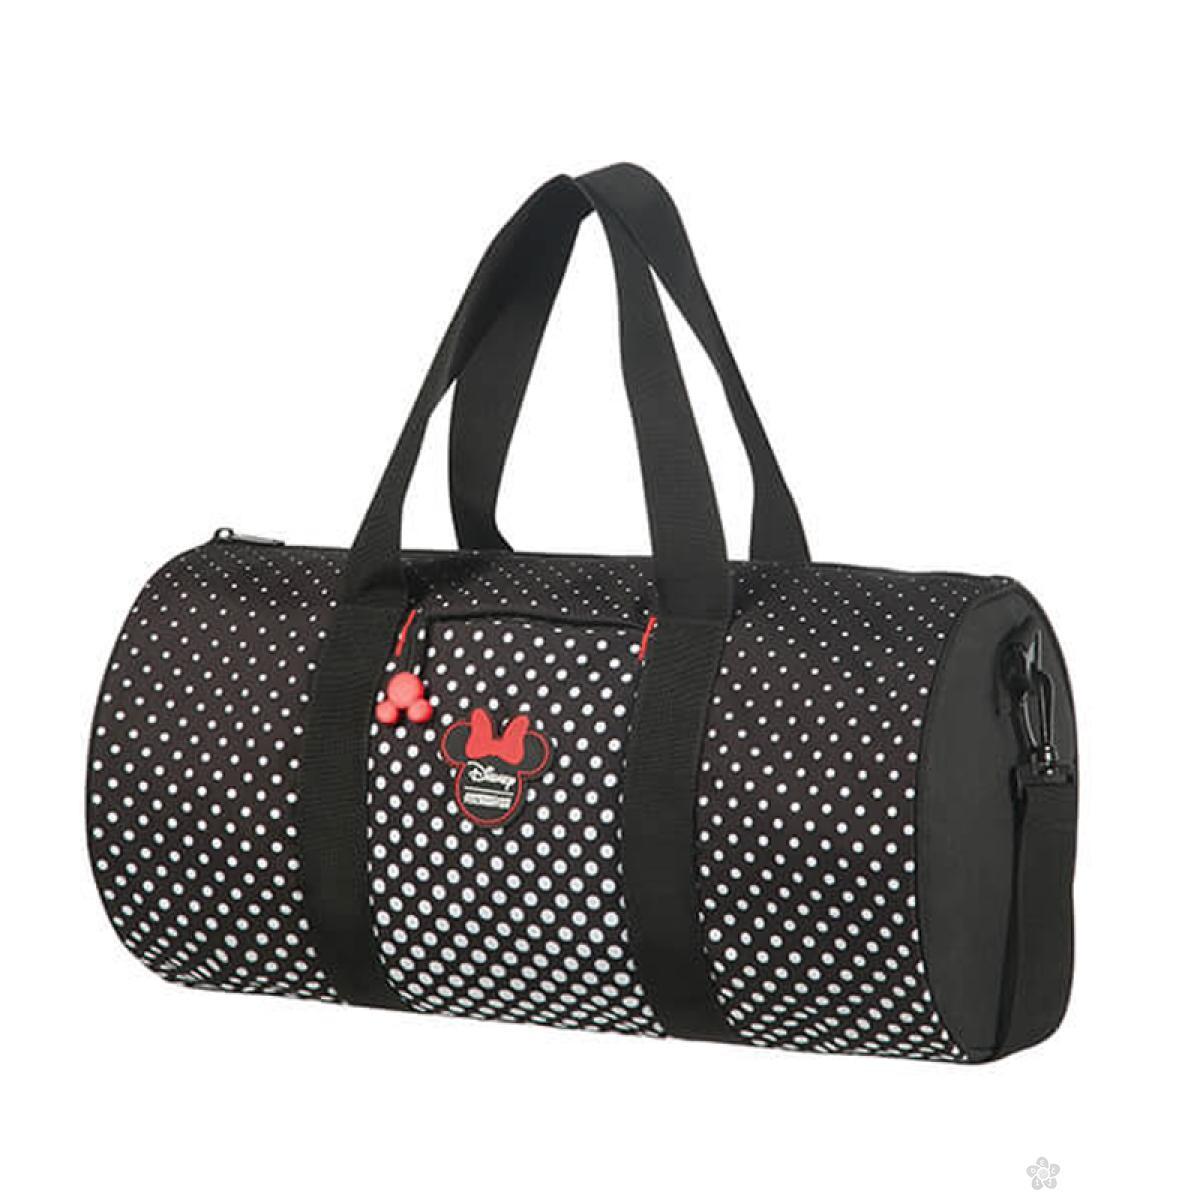 Putna torba Minnie Polka Dot 46C-19002